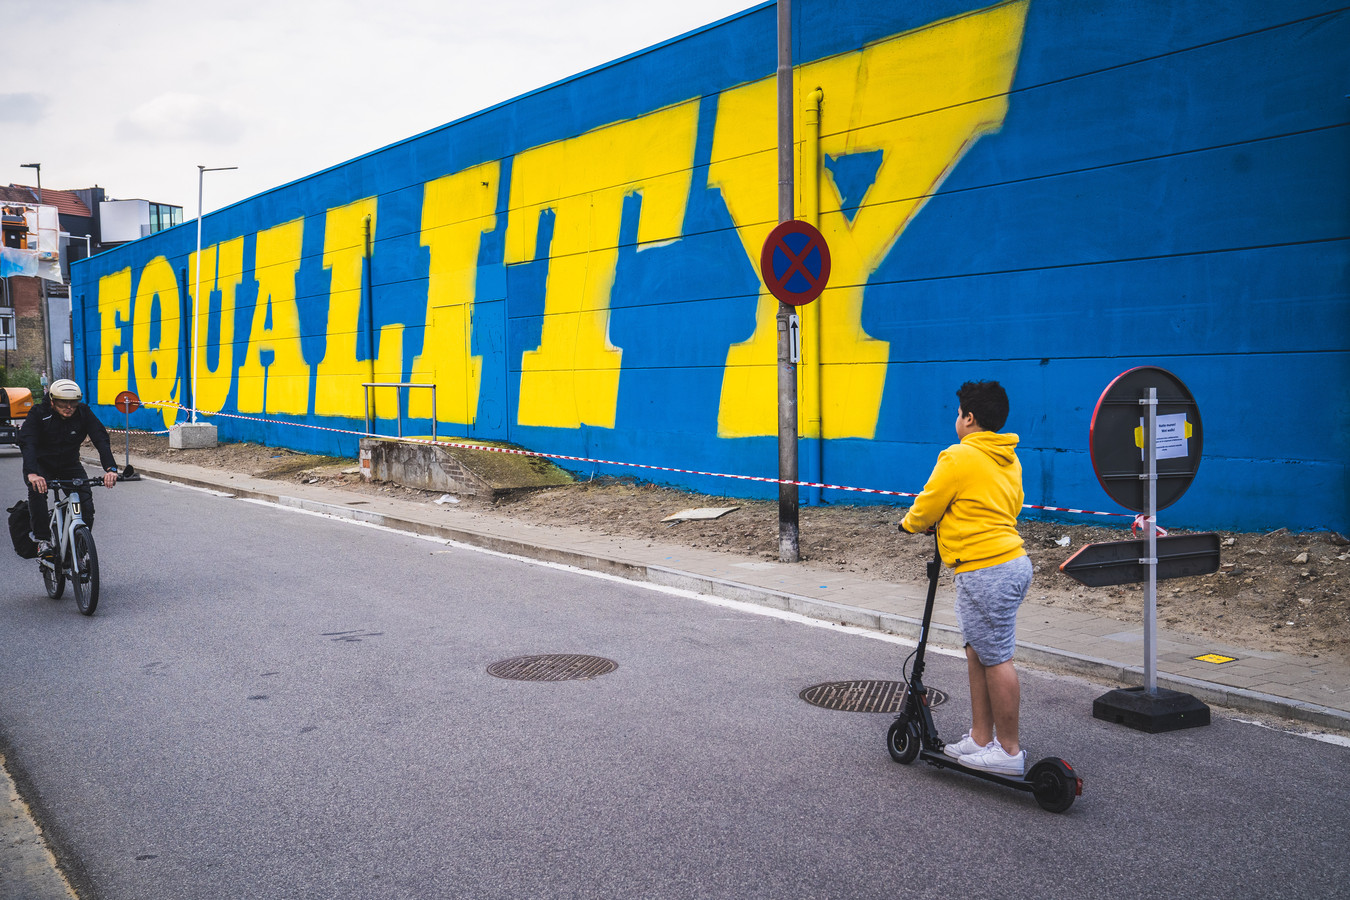 De muurschildering van Wallin' vzw aan de Franse Vaart.